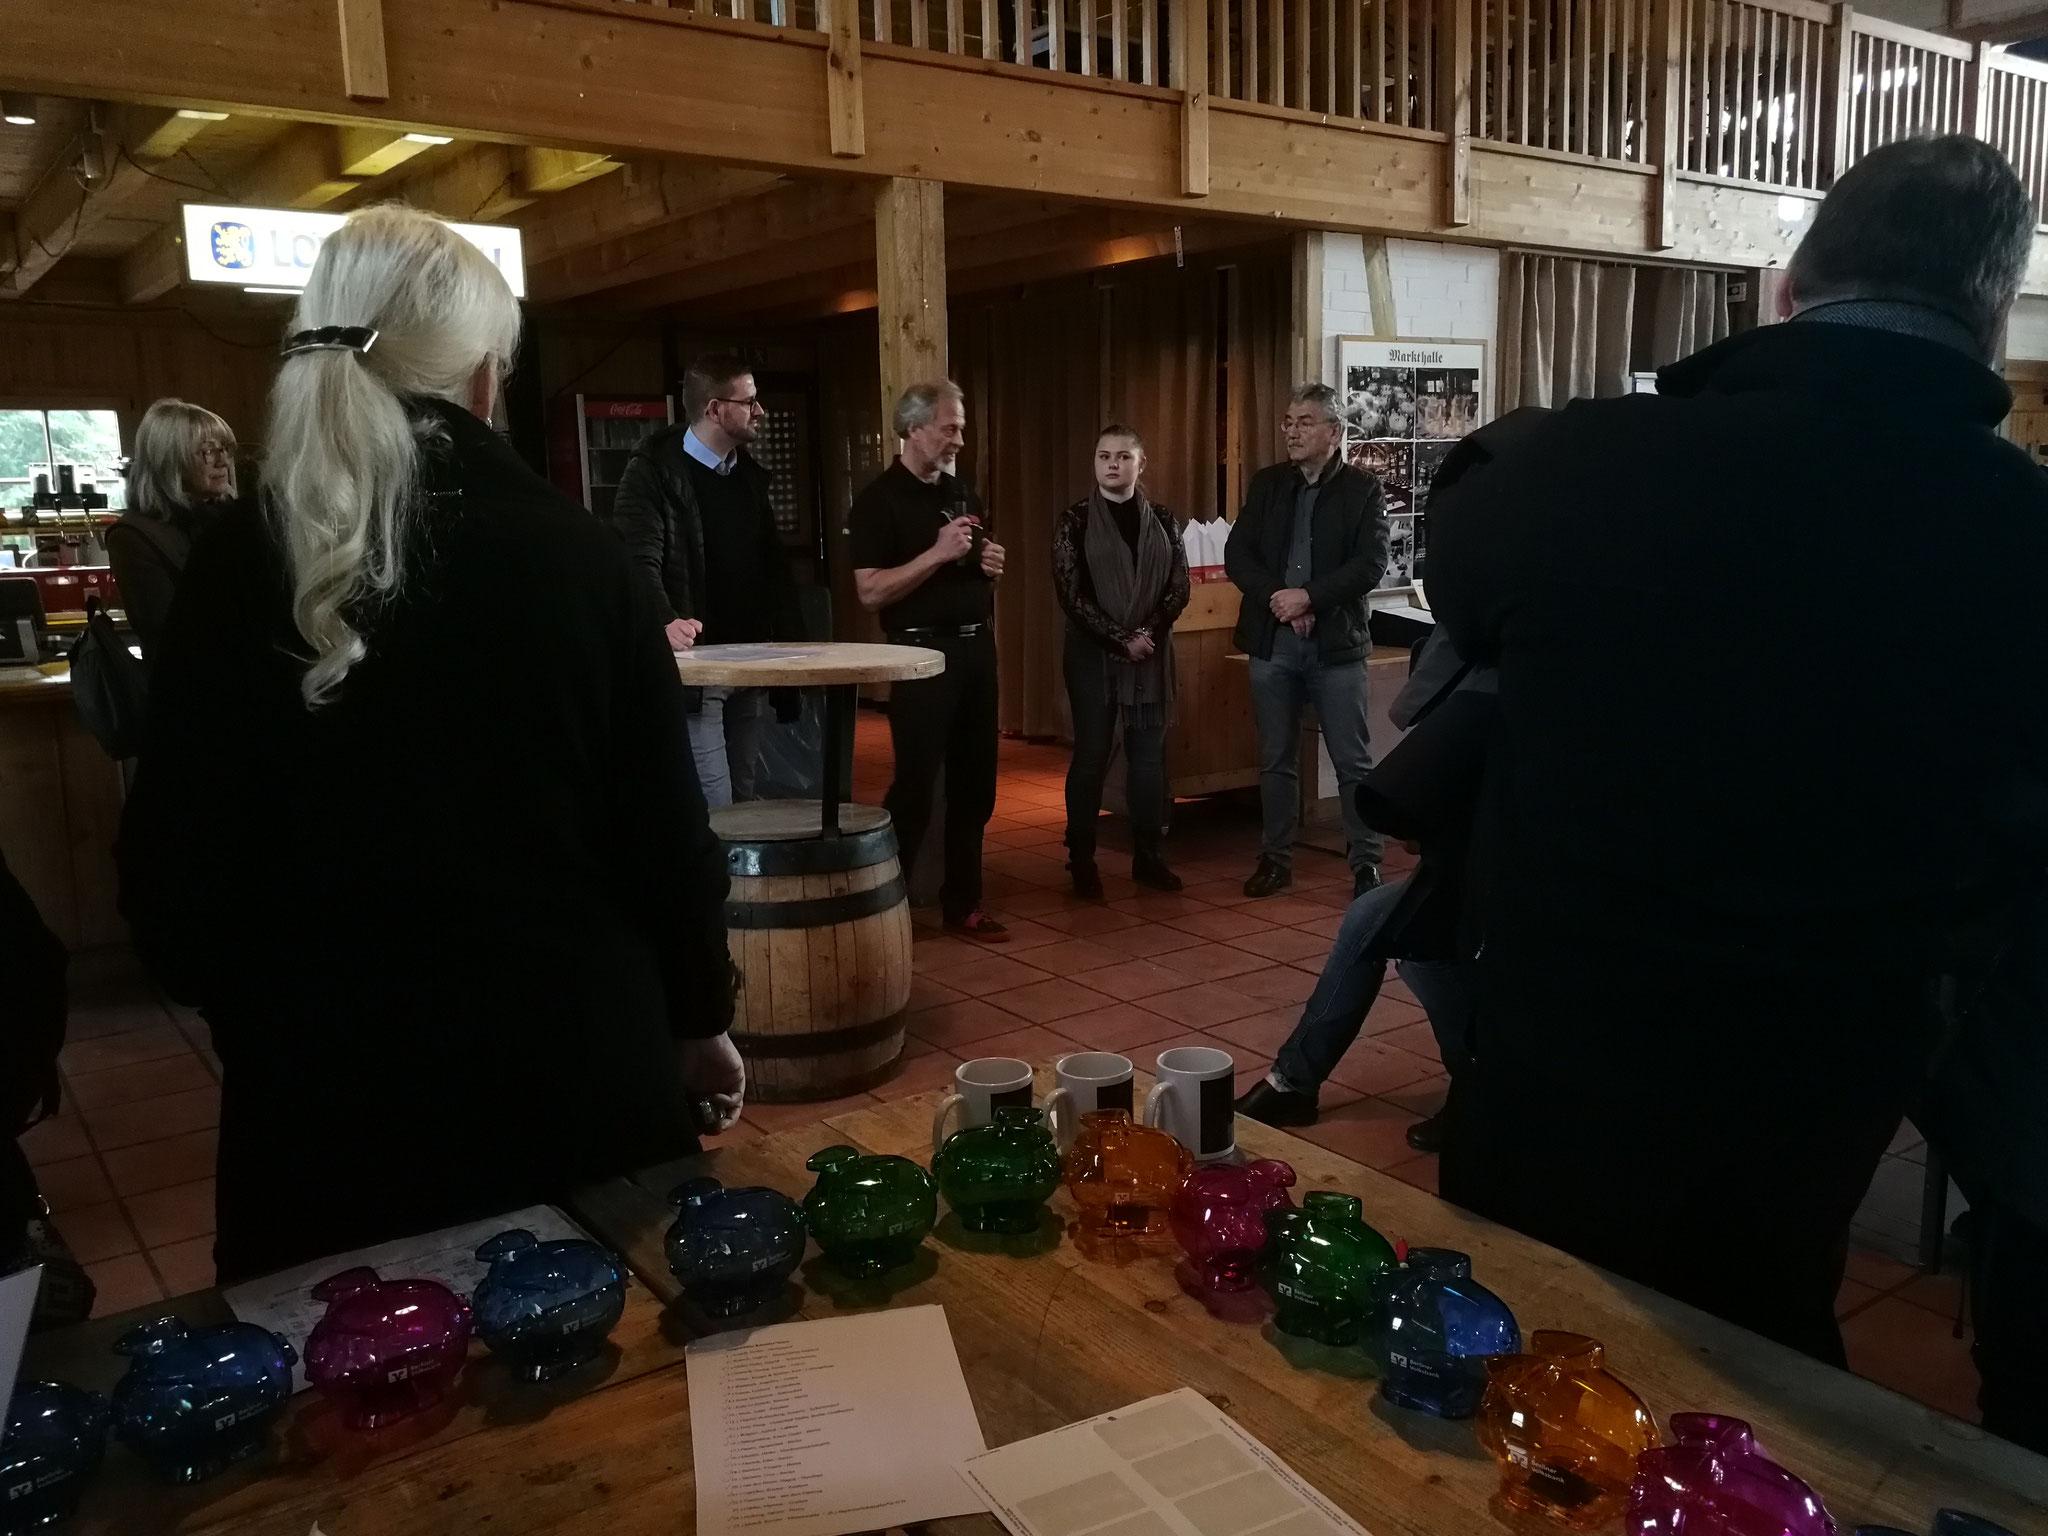 Begrüßung von Herrn Landtagsabgeordneten Barthel und Dank an Schloss Event-Managerin Worm